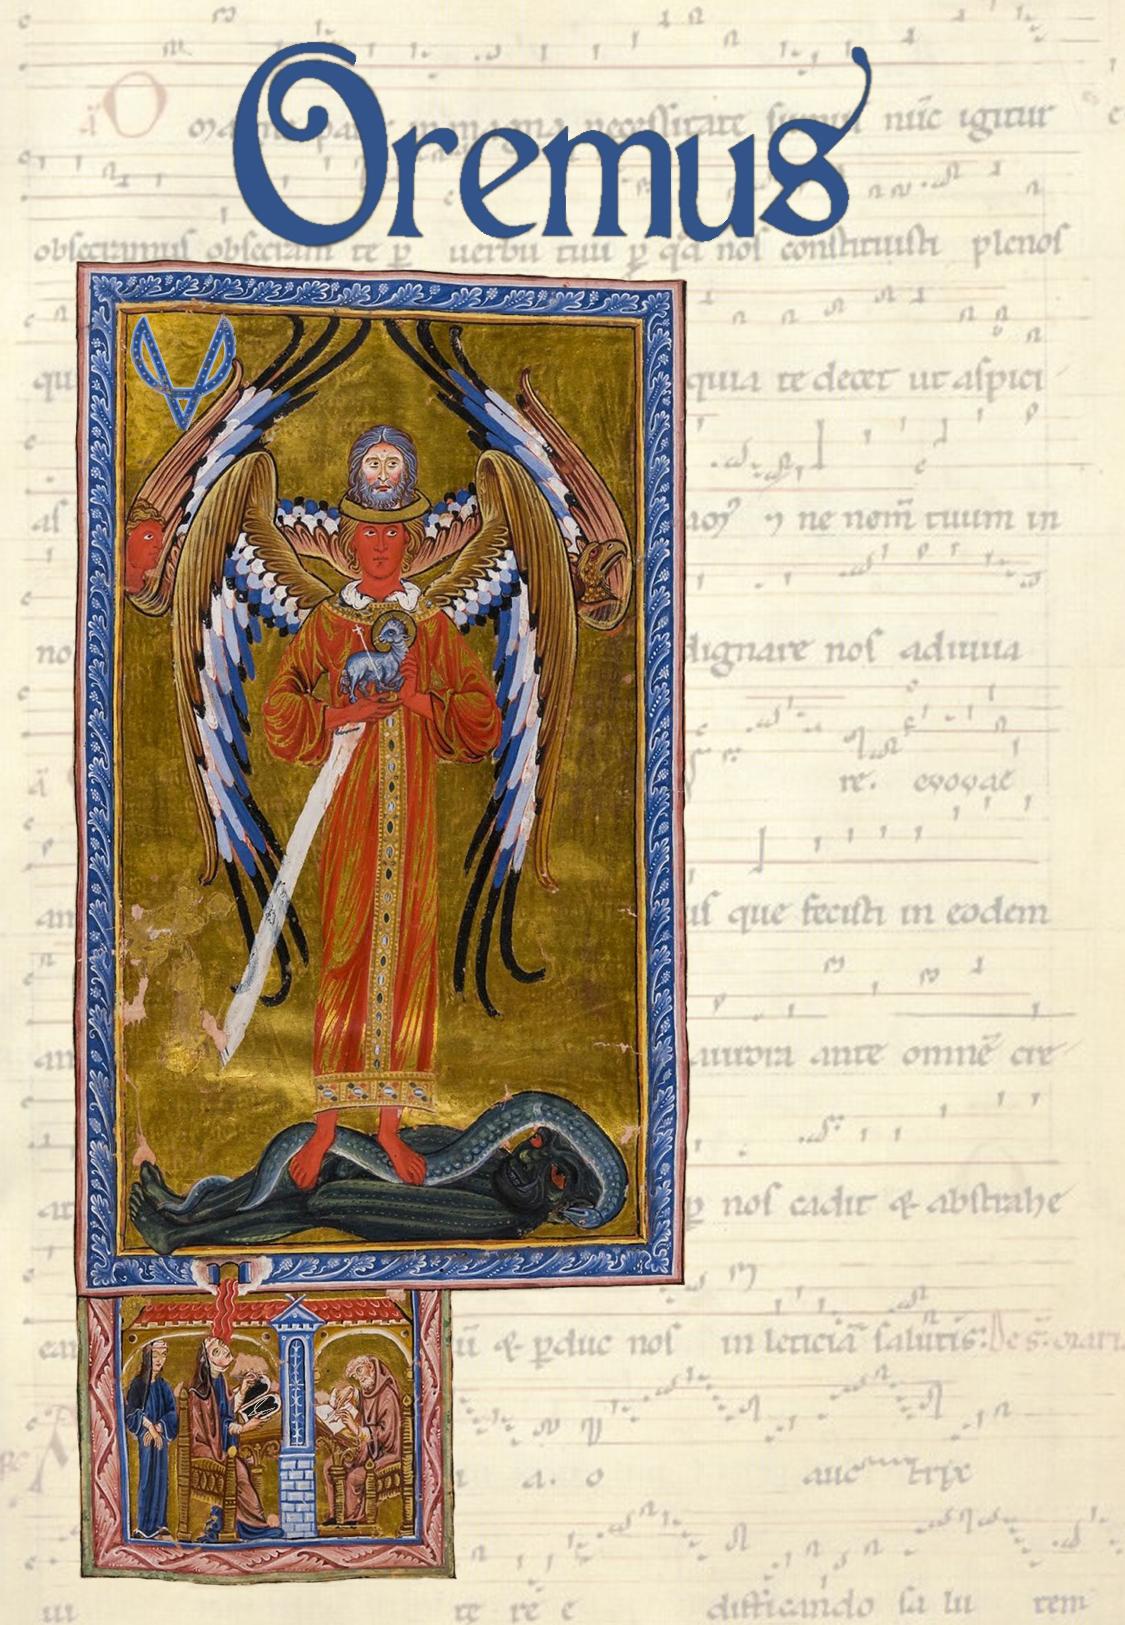 """""""Oremus""""</br><font size=""""3"""">Meditativ musik av Pärt, Sisask och von Bingen</font>"""